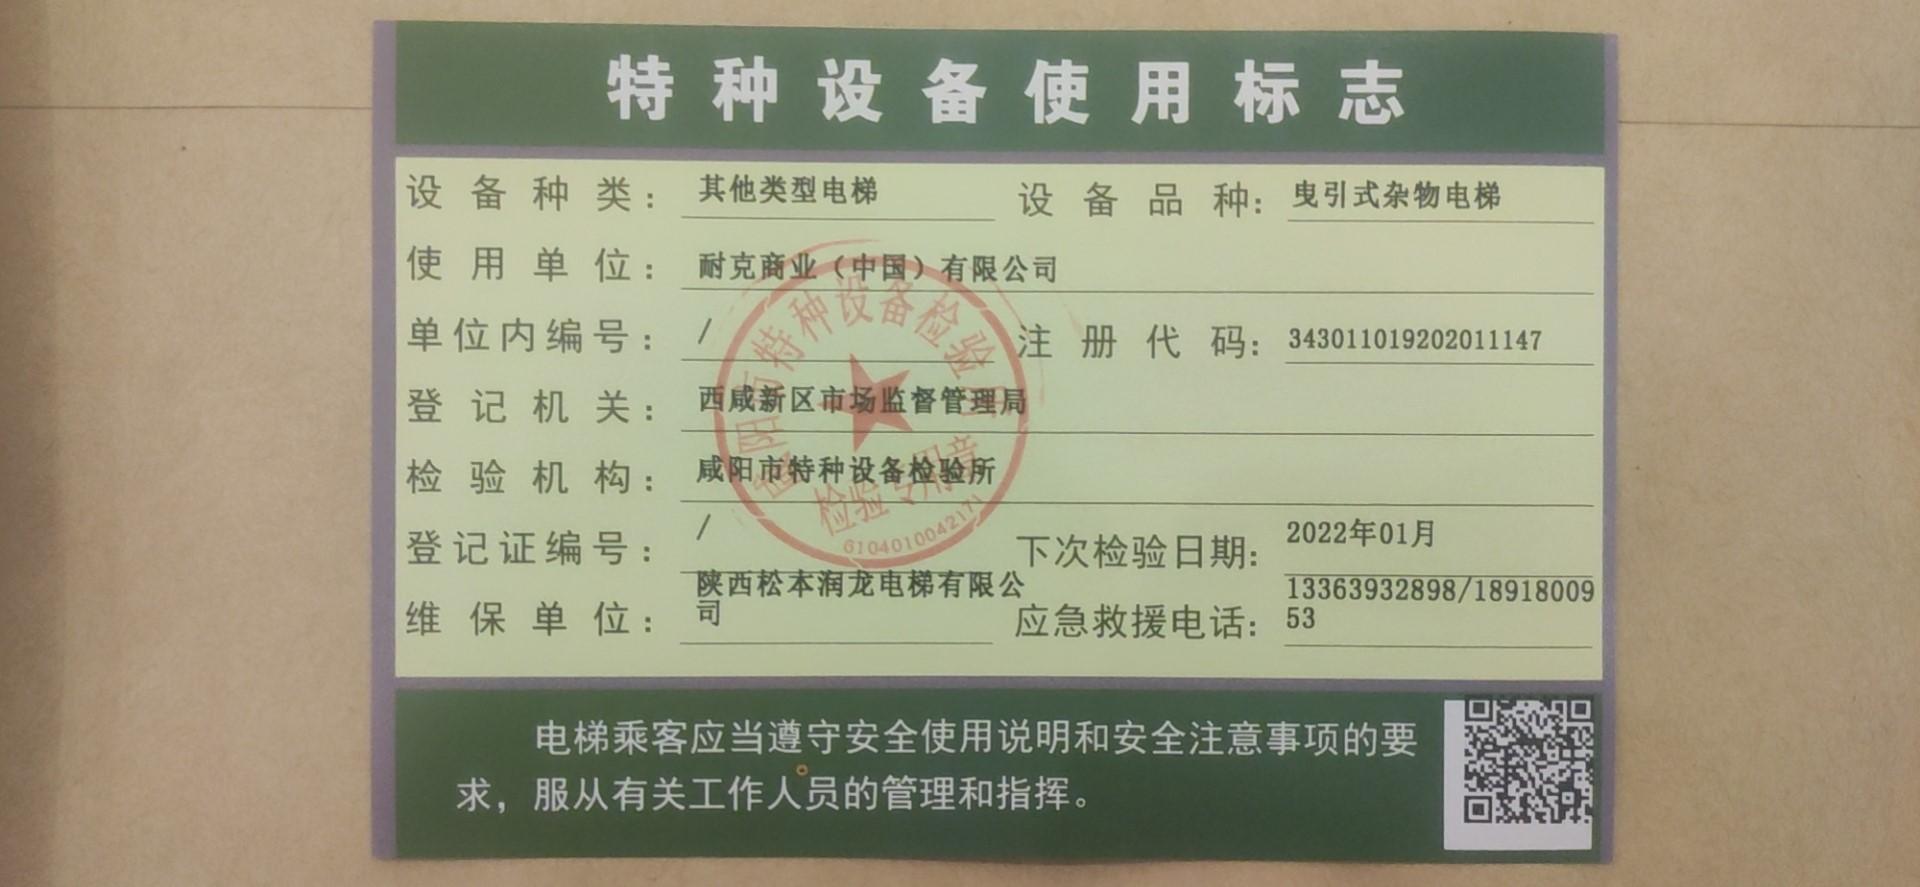 """耐克(中国)商业公司与松本润龙电梯2021年顺利""""牵手""""成功"""